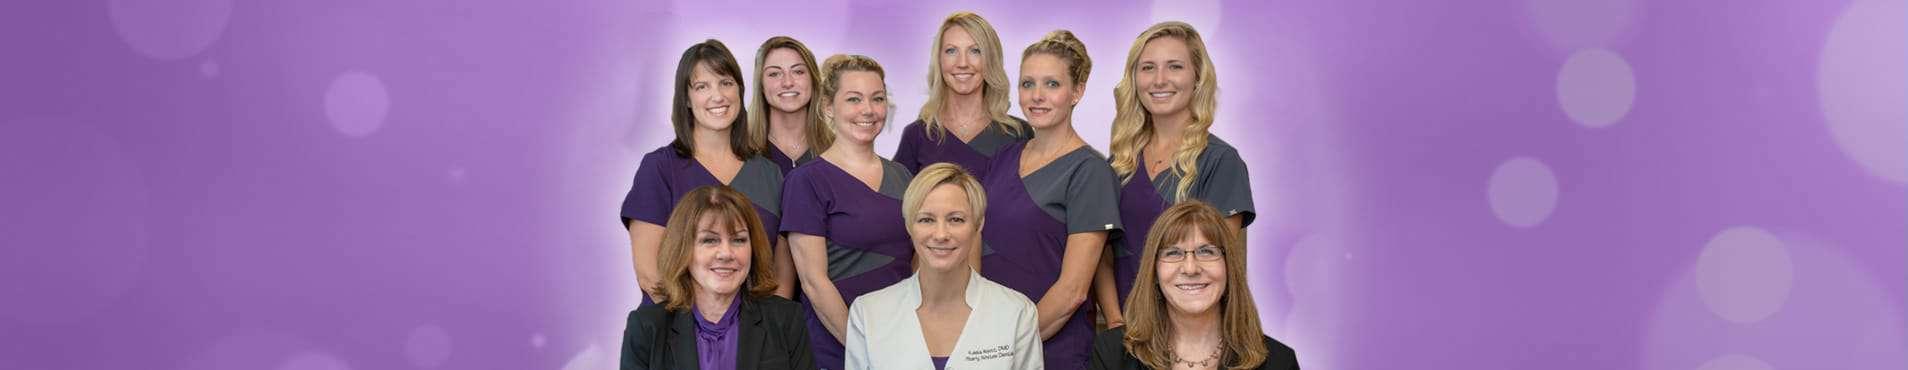 Dental Crowns Dentist Serving Southampton